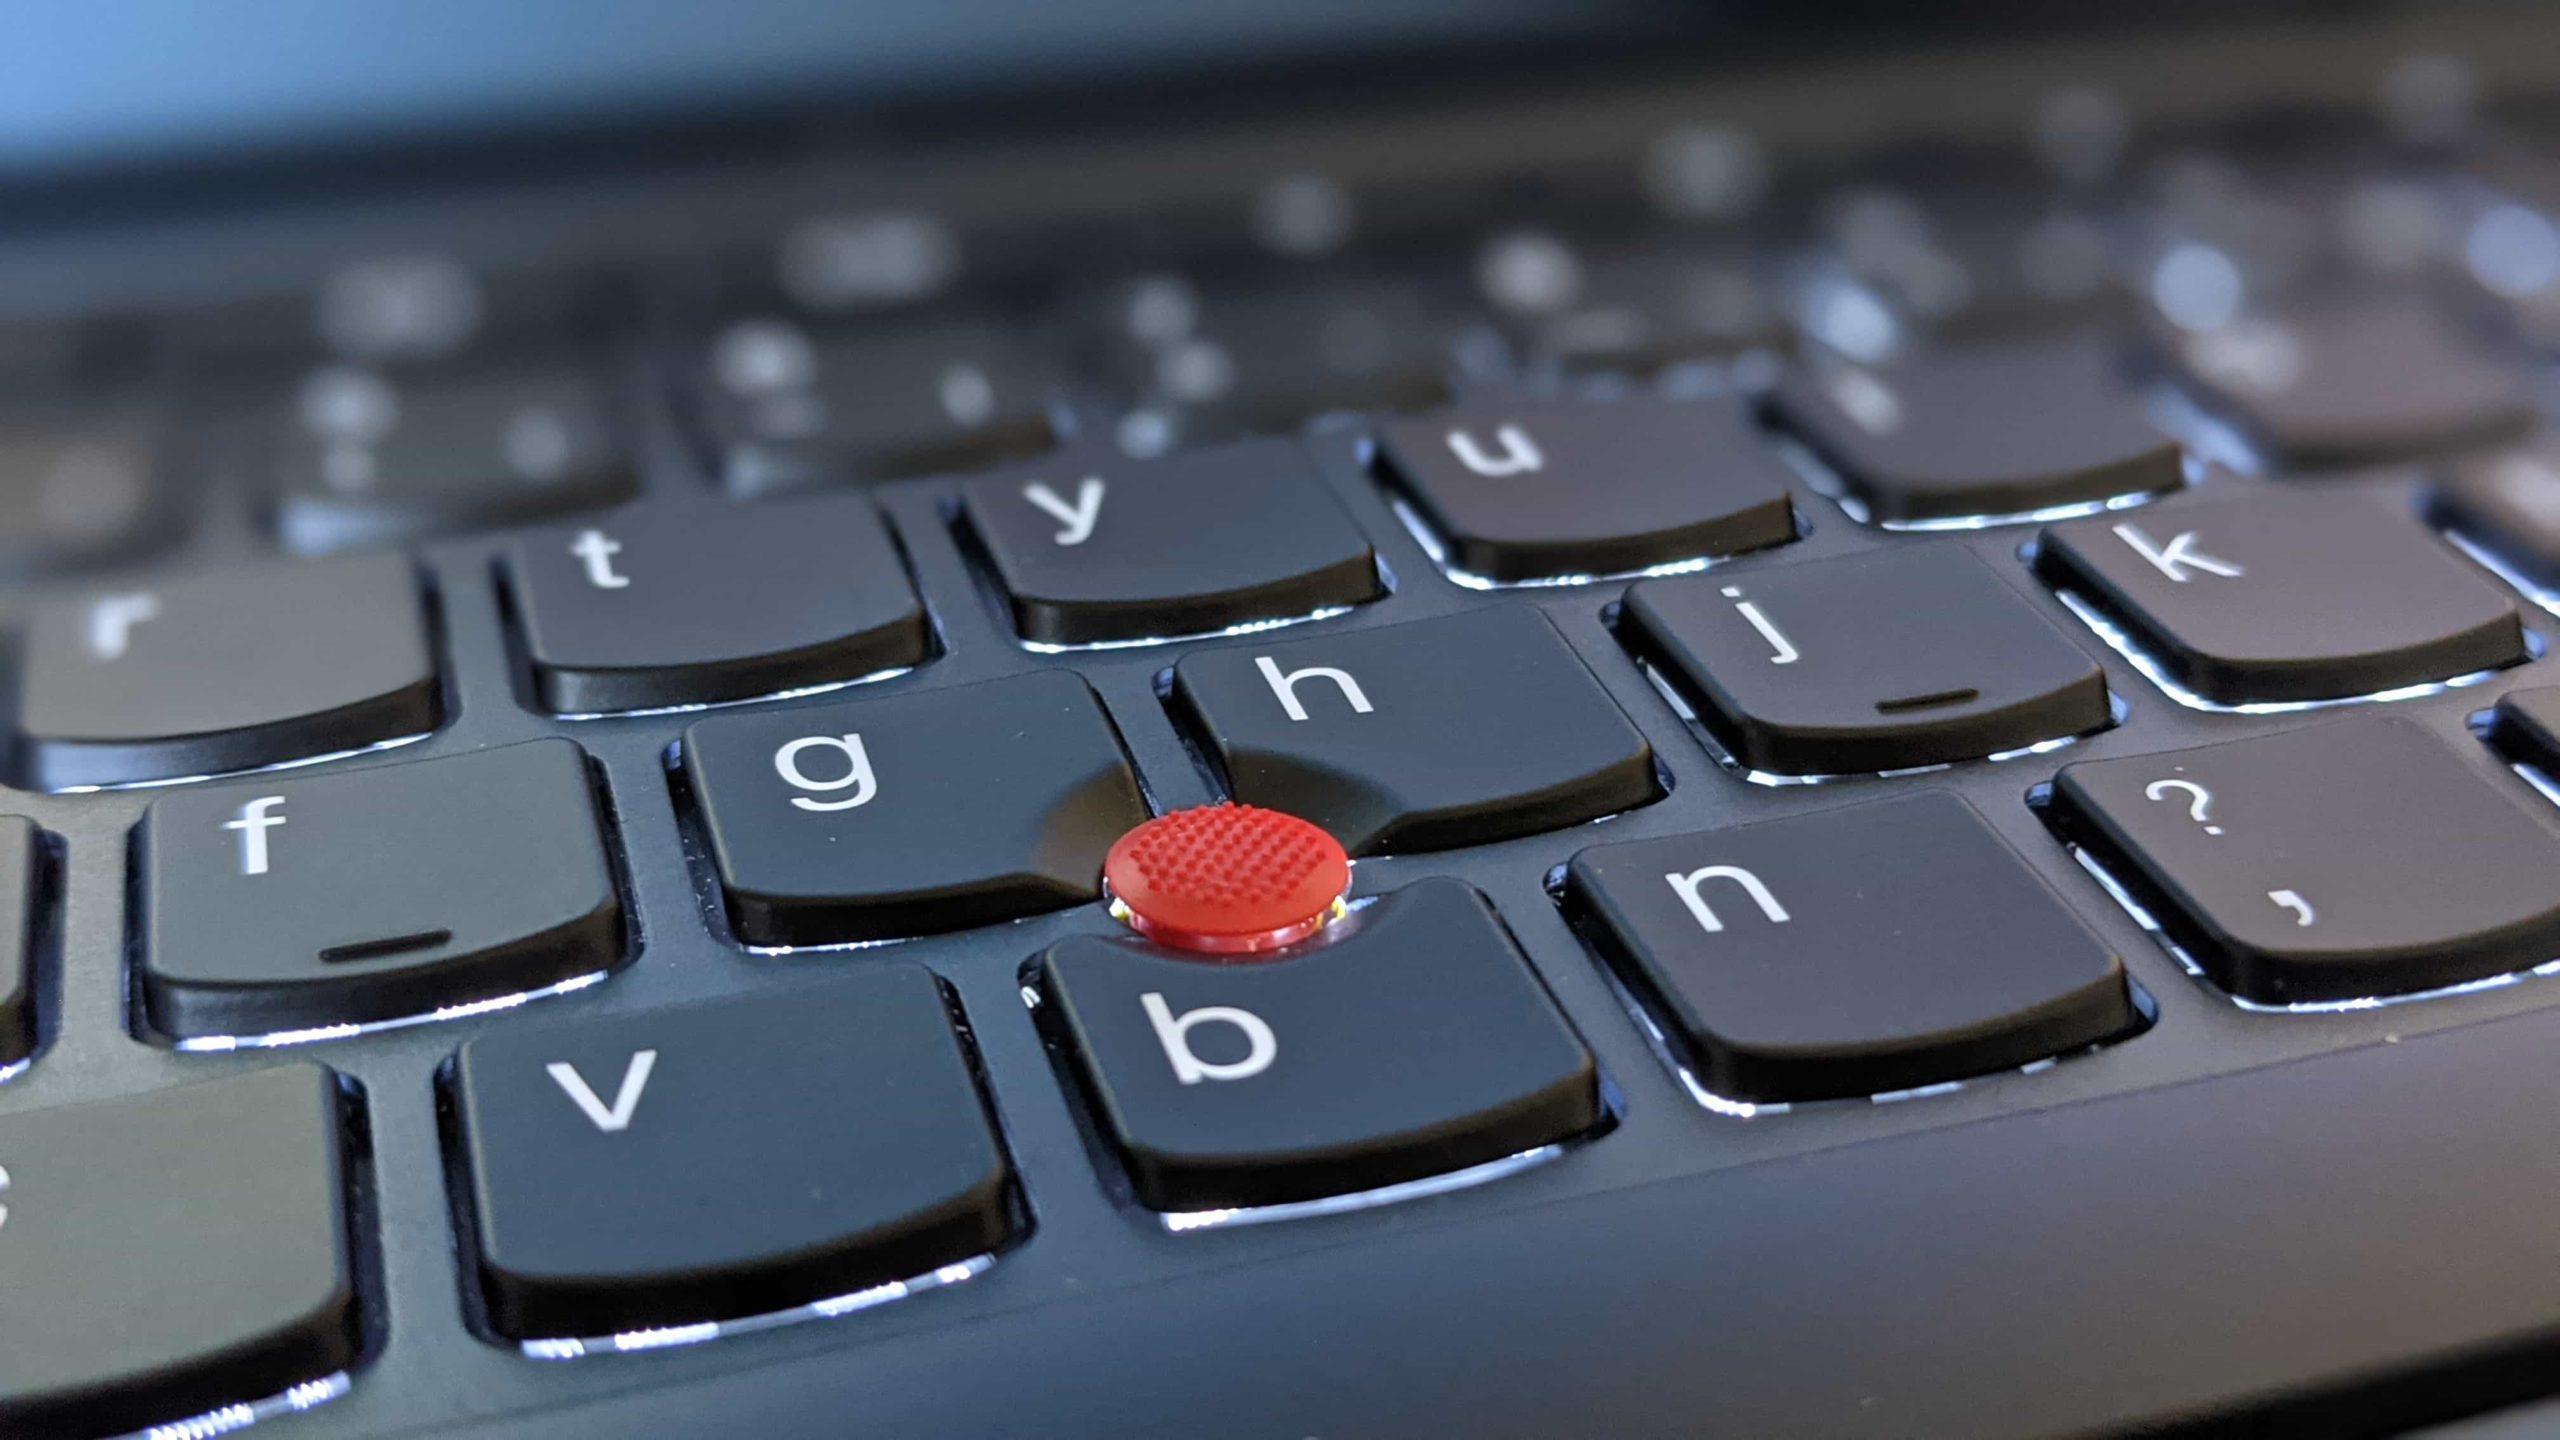 Le clavier du Chromebook est rétro-éclairé